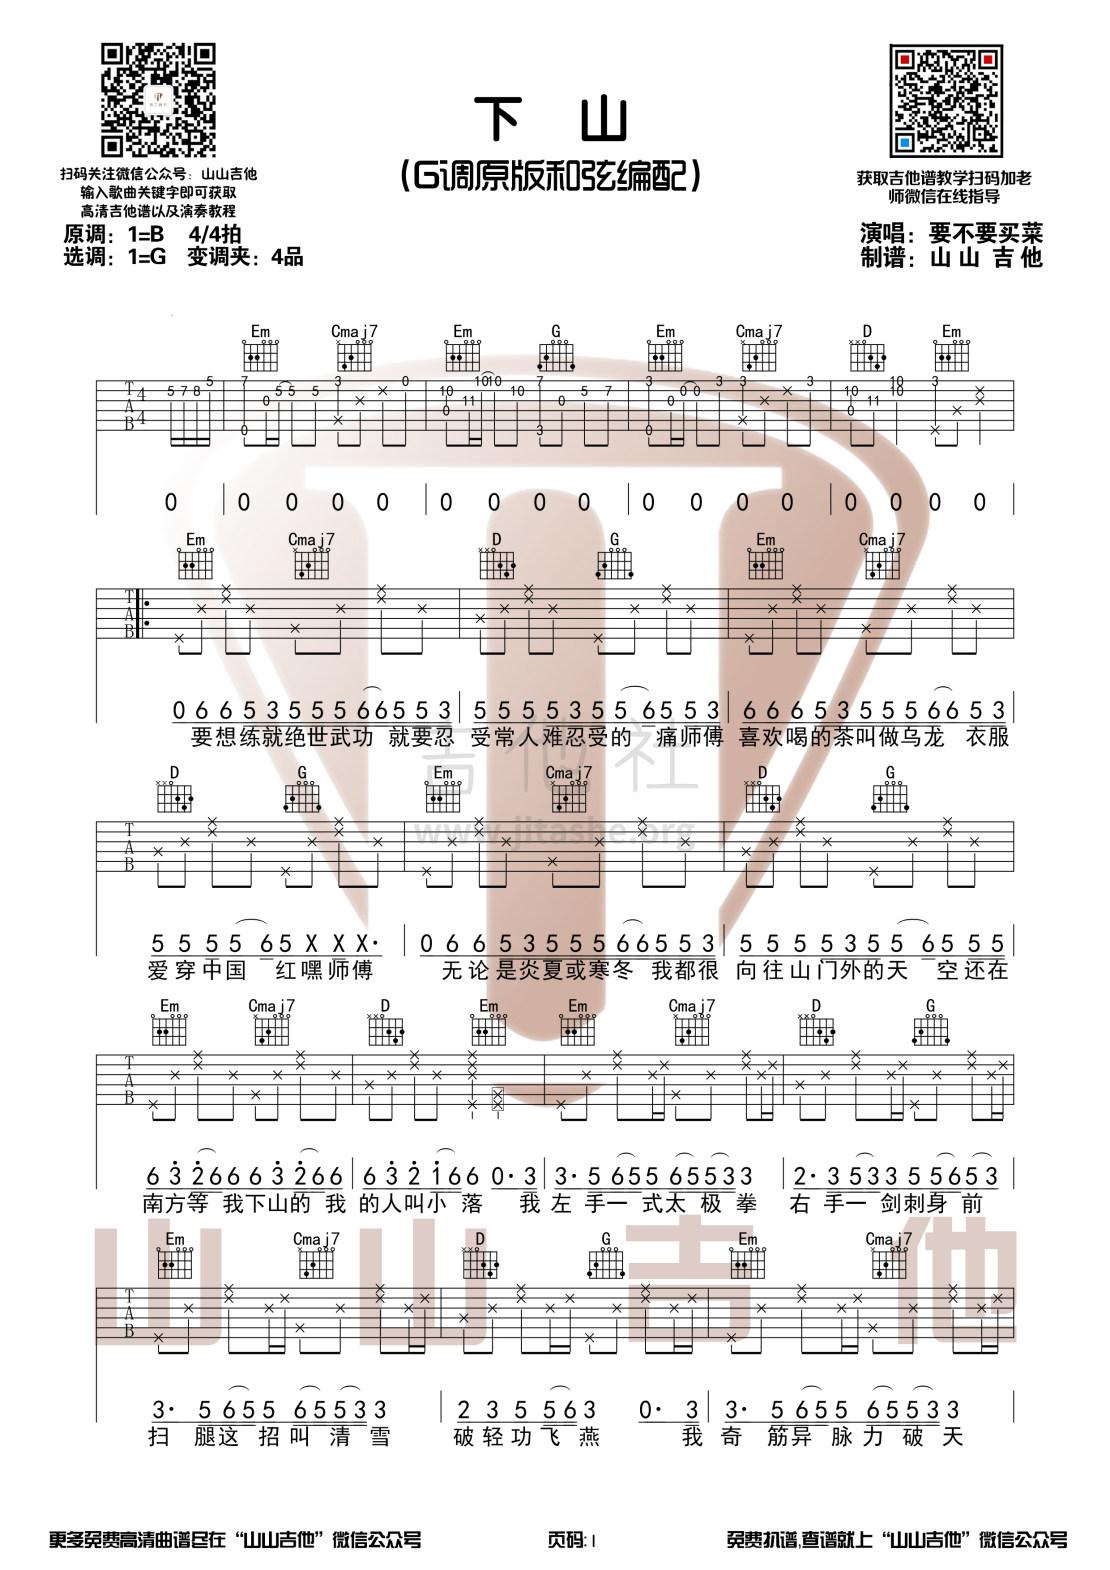 下山(原版吉他谱+演奏视频 山山吉他)吉他谱(图片谱,弹唱)_要不要买菜_下山1.jpg